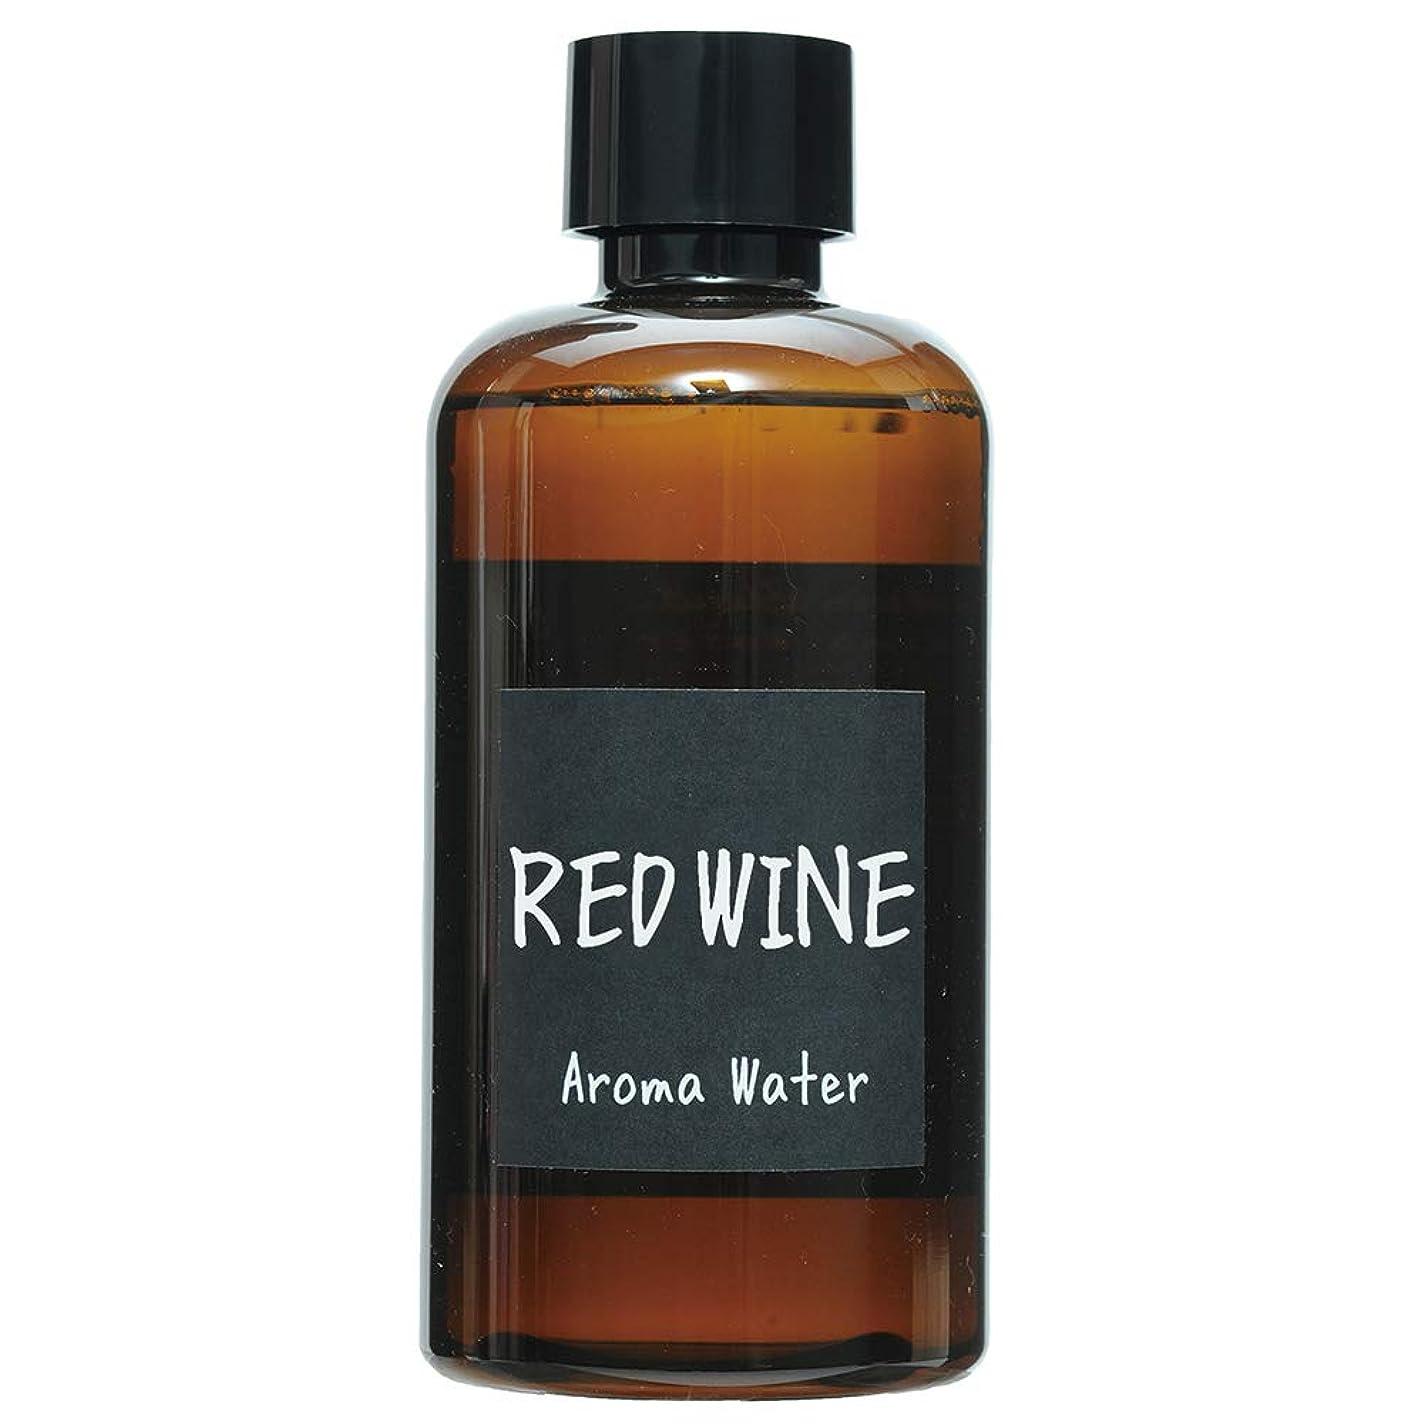 環境まばたき州ノルコーポレーション John's Blend アロマウォーター 加湿器用 OA-JON-23-5 レッドワインの香り 520ml